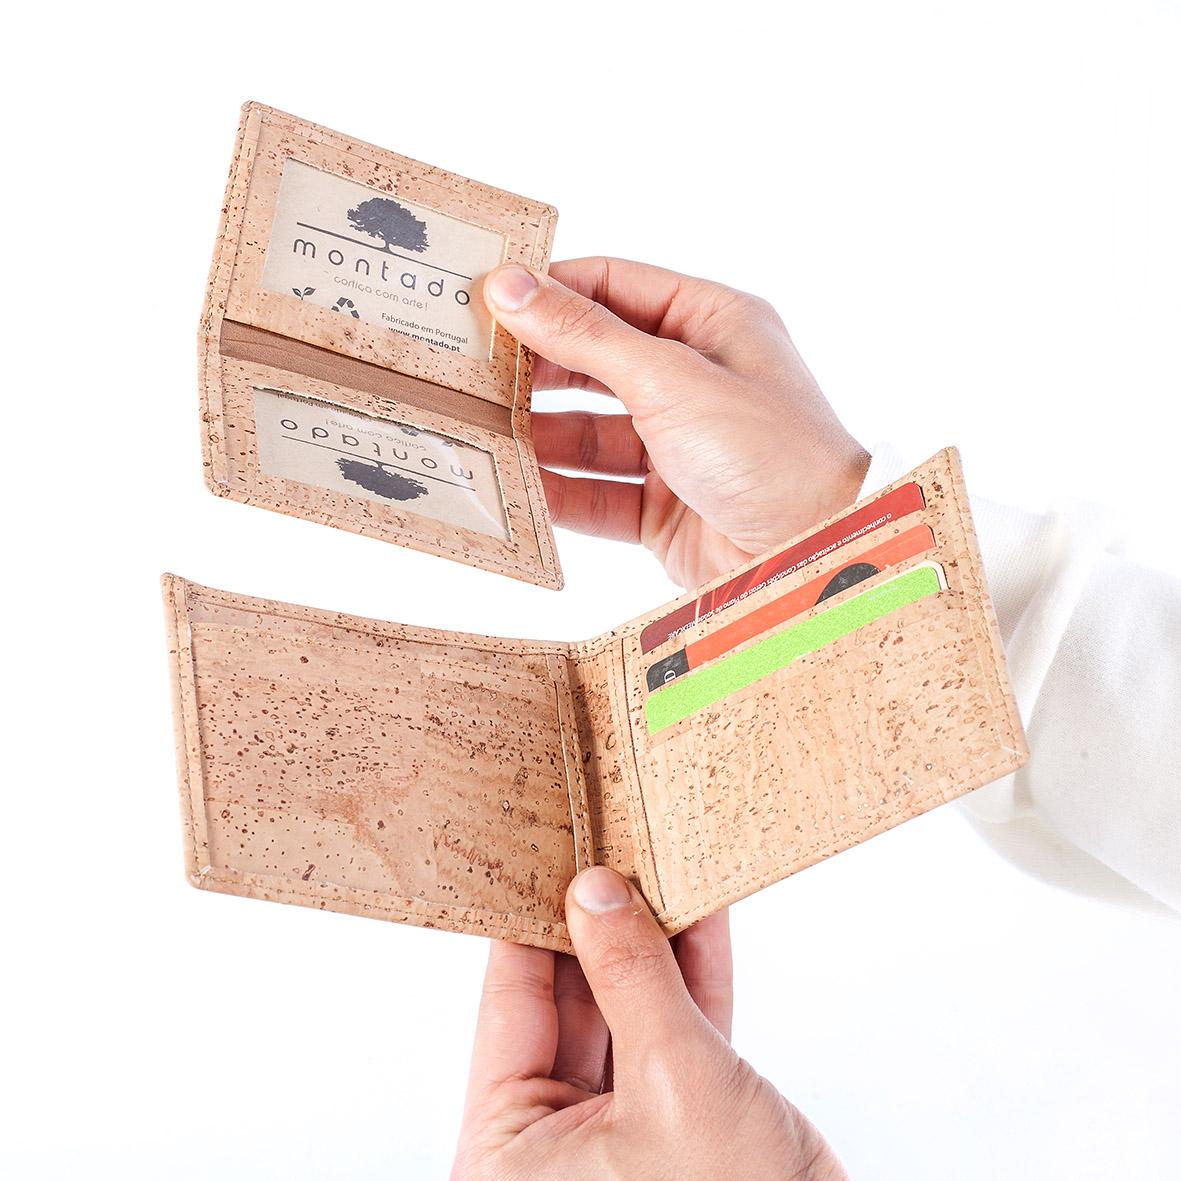 Carteira de Documentos em Cortiça | Montado